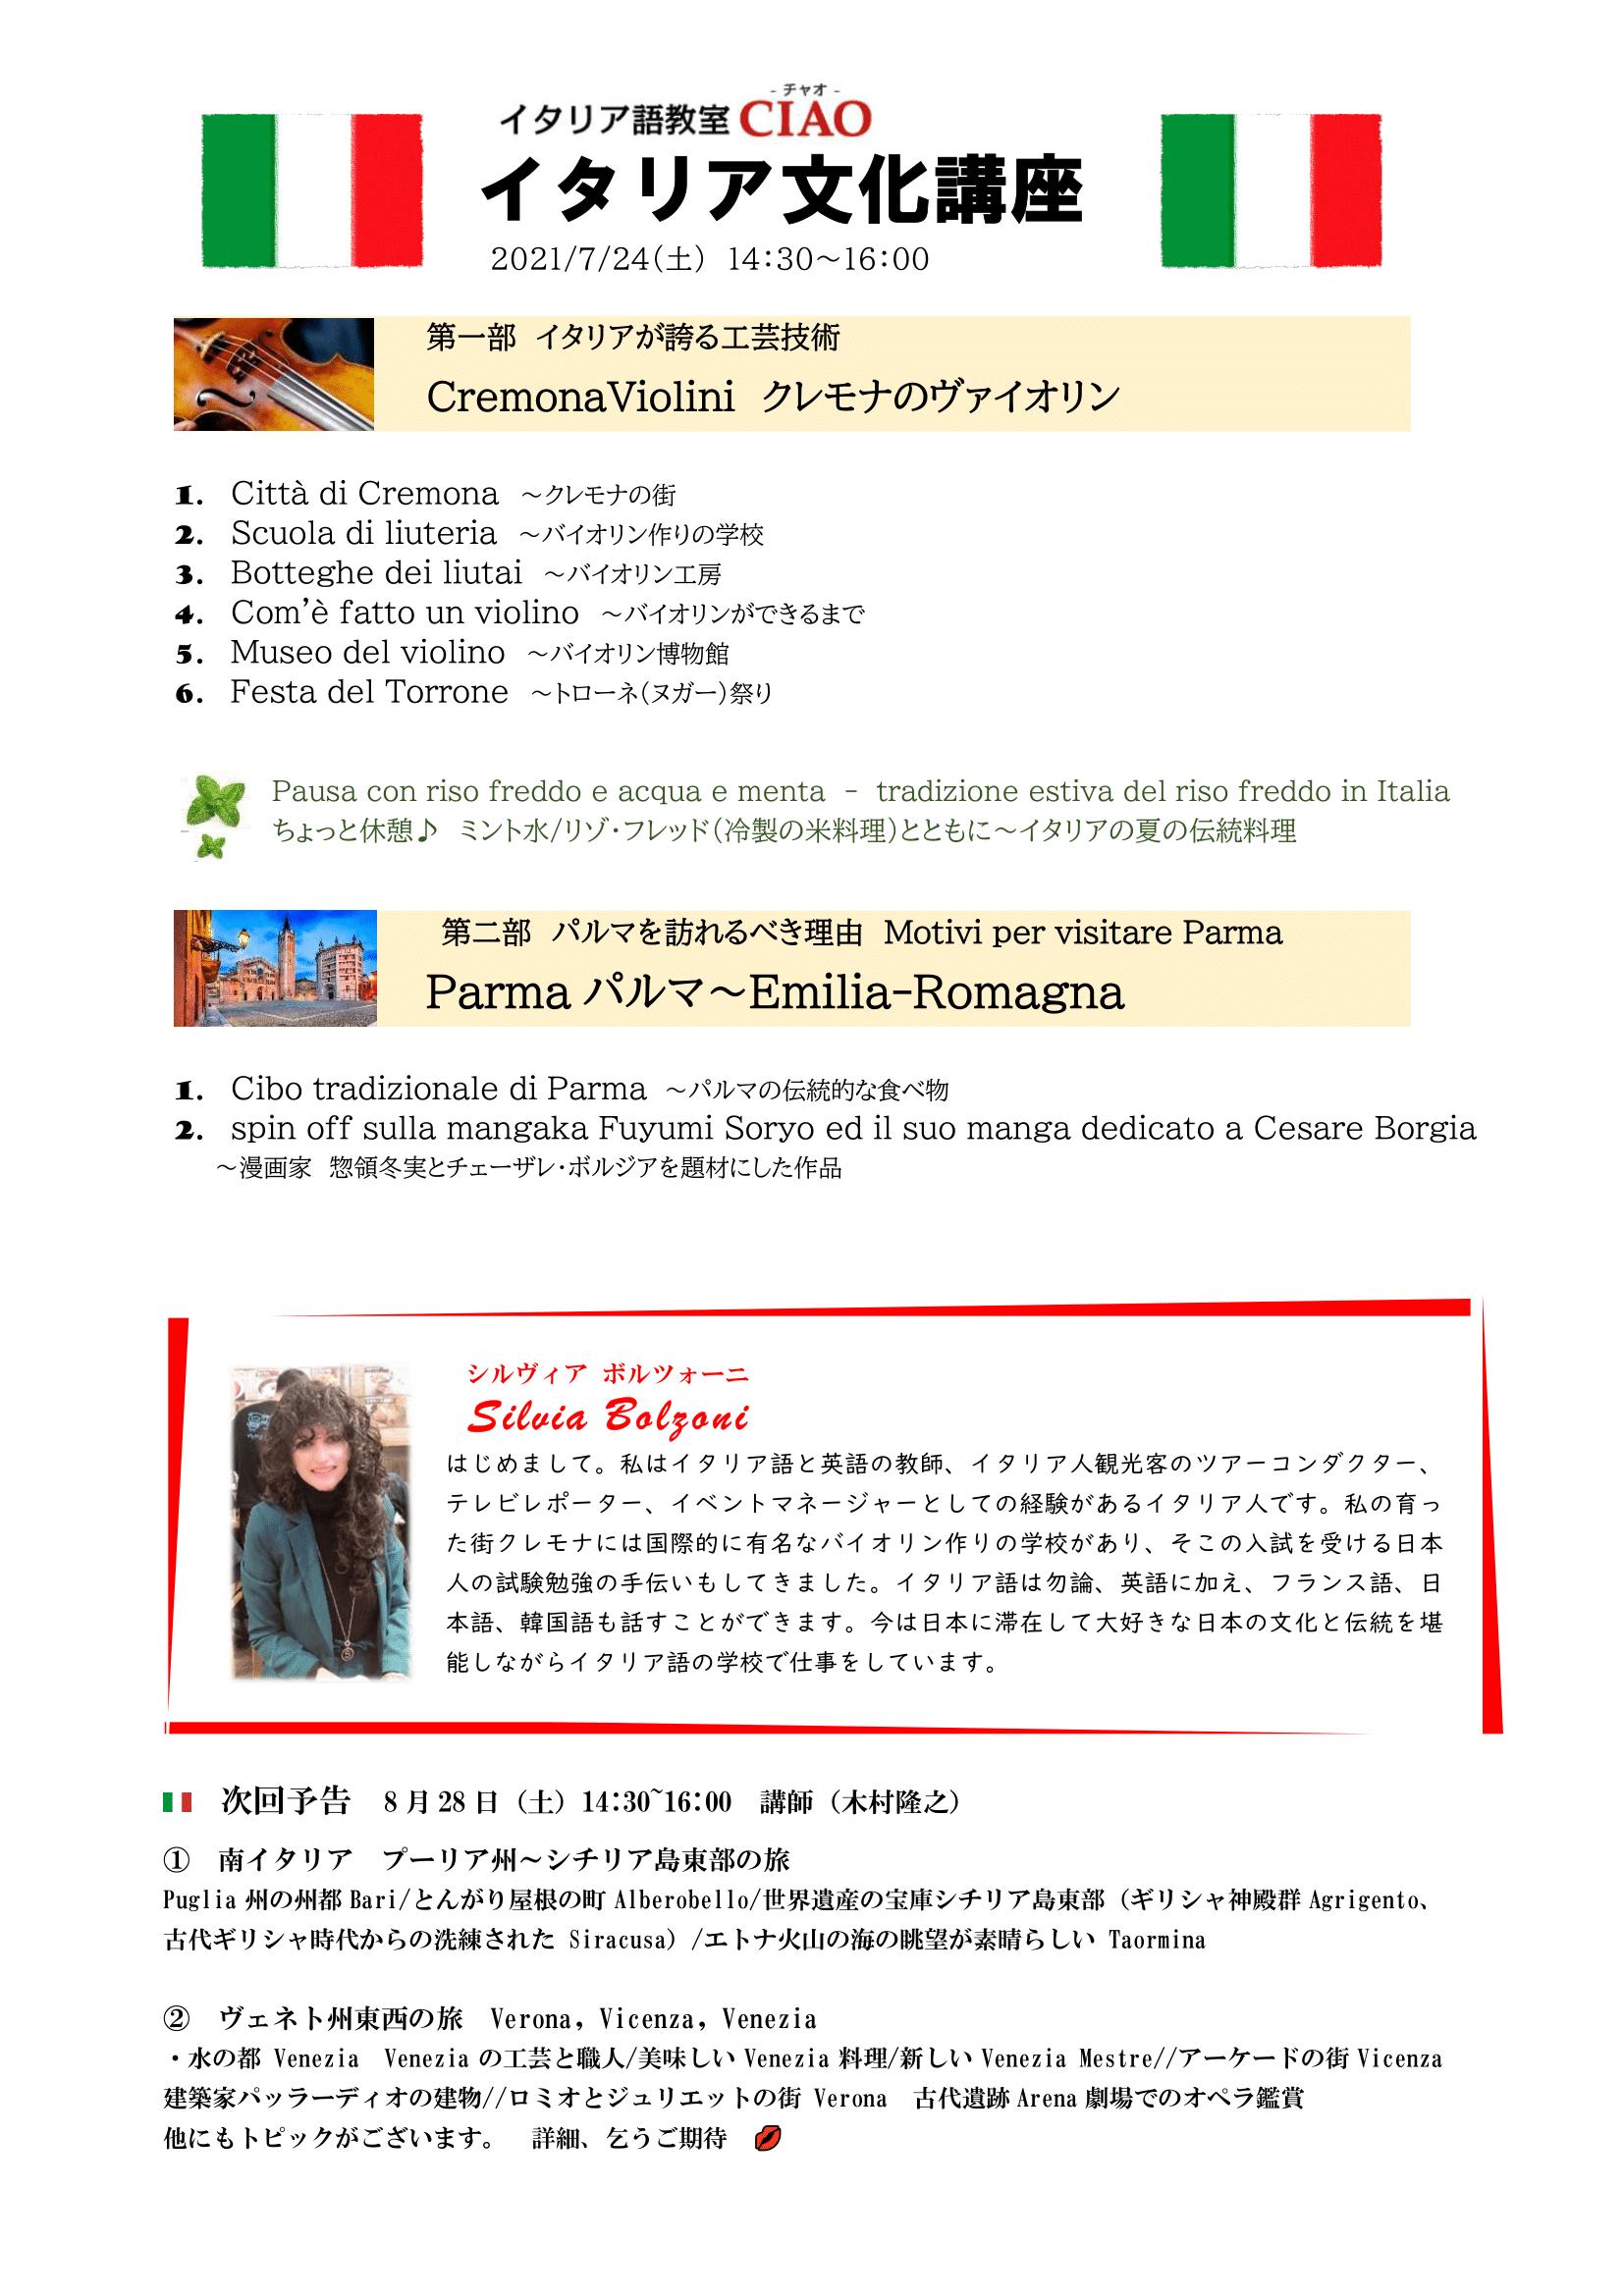 7月24日(土)の文化講座